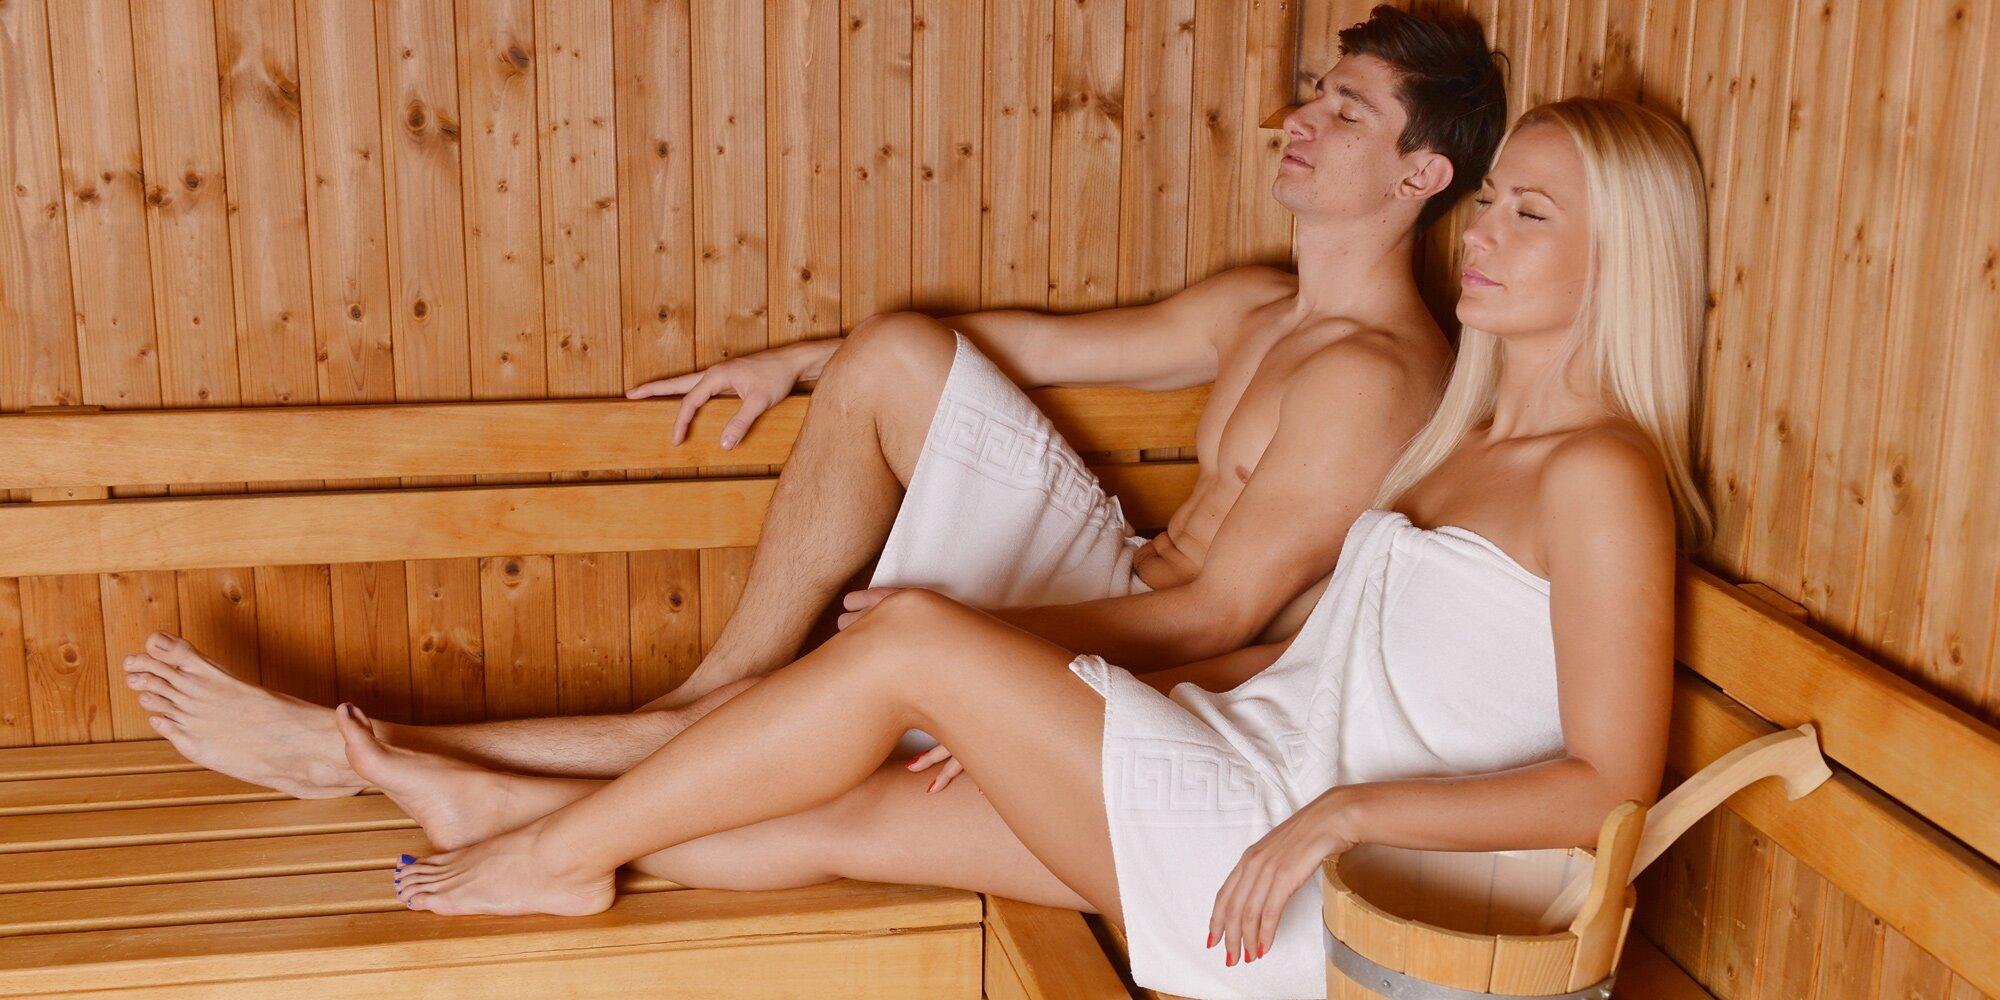 Рассказ секс в бане с друзьями, Порно рассказ: В первый раз с другом в бане 19 фотография